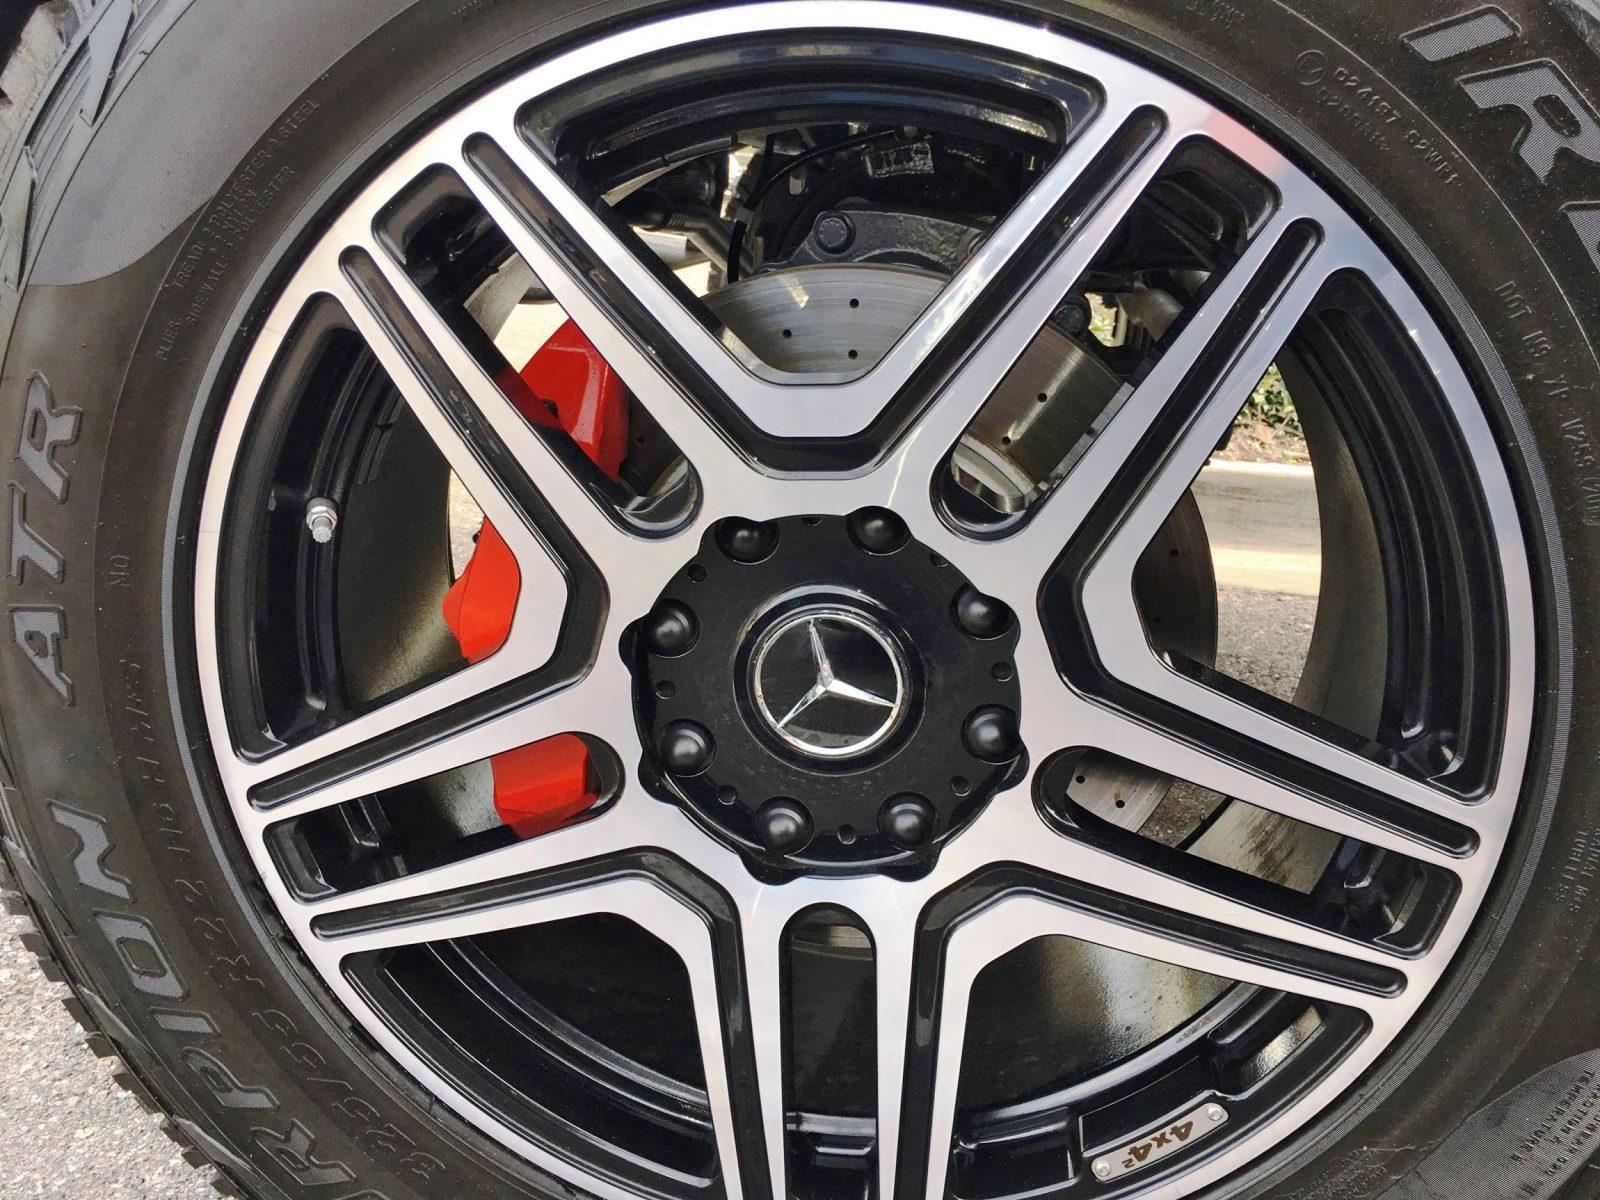 2017 Mercedes-Benz G550 4x4 37